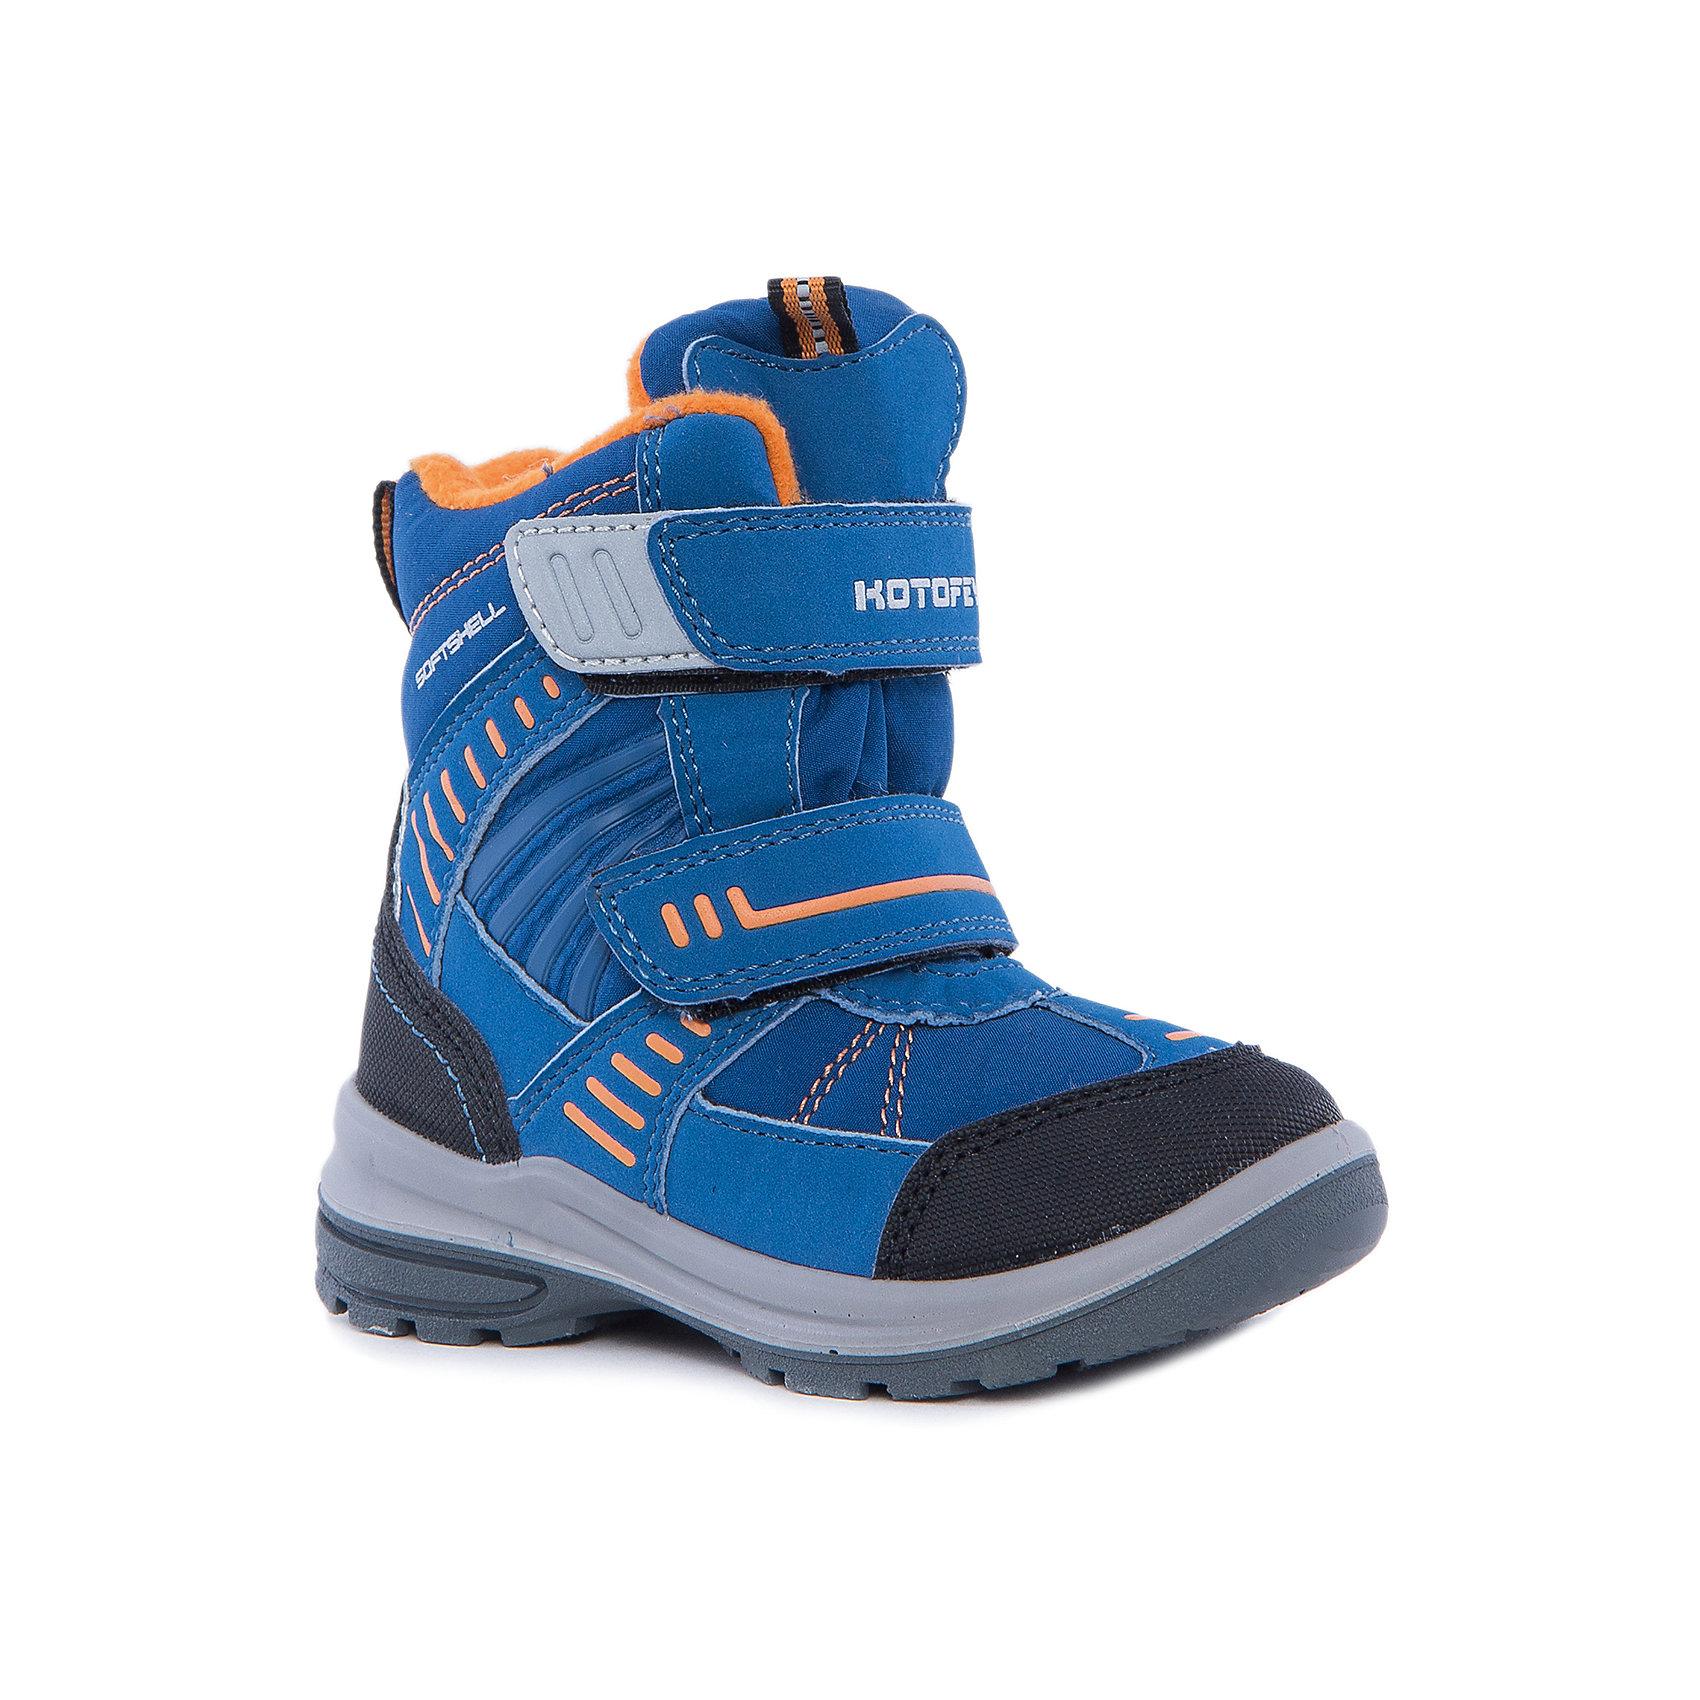 Ботинки для мальчика КотофейКотофей – качественная и стильная детская обувь по доступным ценам. С каждым днем популярность бренда растет.  Сапожки – универсальная обувь для холодов для всех маленьких непосед. Новая модель сапог для мальчика сочетает все модные тенденции  наступающего зимнего сезона. Стильный дизайн, яркие цвета, уникальный пошив и цветные детали создают неповторимый элемент гардероба.<br><br>Дополнительная информация:<br><br>цвет: сине-оранжевый;<br>вид крепления: литьевой;<br>застежка: липучка;<br>температурный режим: от -15 °С до +5° С.<br><br>Состав:<br>материал верха – комбинированный;<br>материал подклада – мех шерстяной;<br>подошва – ПУ/резина.<br><br>Зимние сапожки для мальчика дошкольного возраста от фирмы Котофей можно купить в нашем магазине.<br><br>Ширина мм: 262<br>Глубина мм: 176<br>Высота мм: 97<br>Вес г: 427<br>Цвет: синий/оранжевый<br>Возраст от месяцев: 24<br>Возраст до месяцев: 36<br>Пол: Мужской<br>Возраст: Детский<br>Размер: 26,25,23,24<br>SKU: 4982403